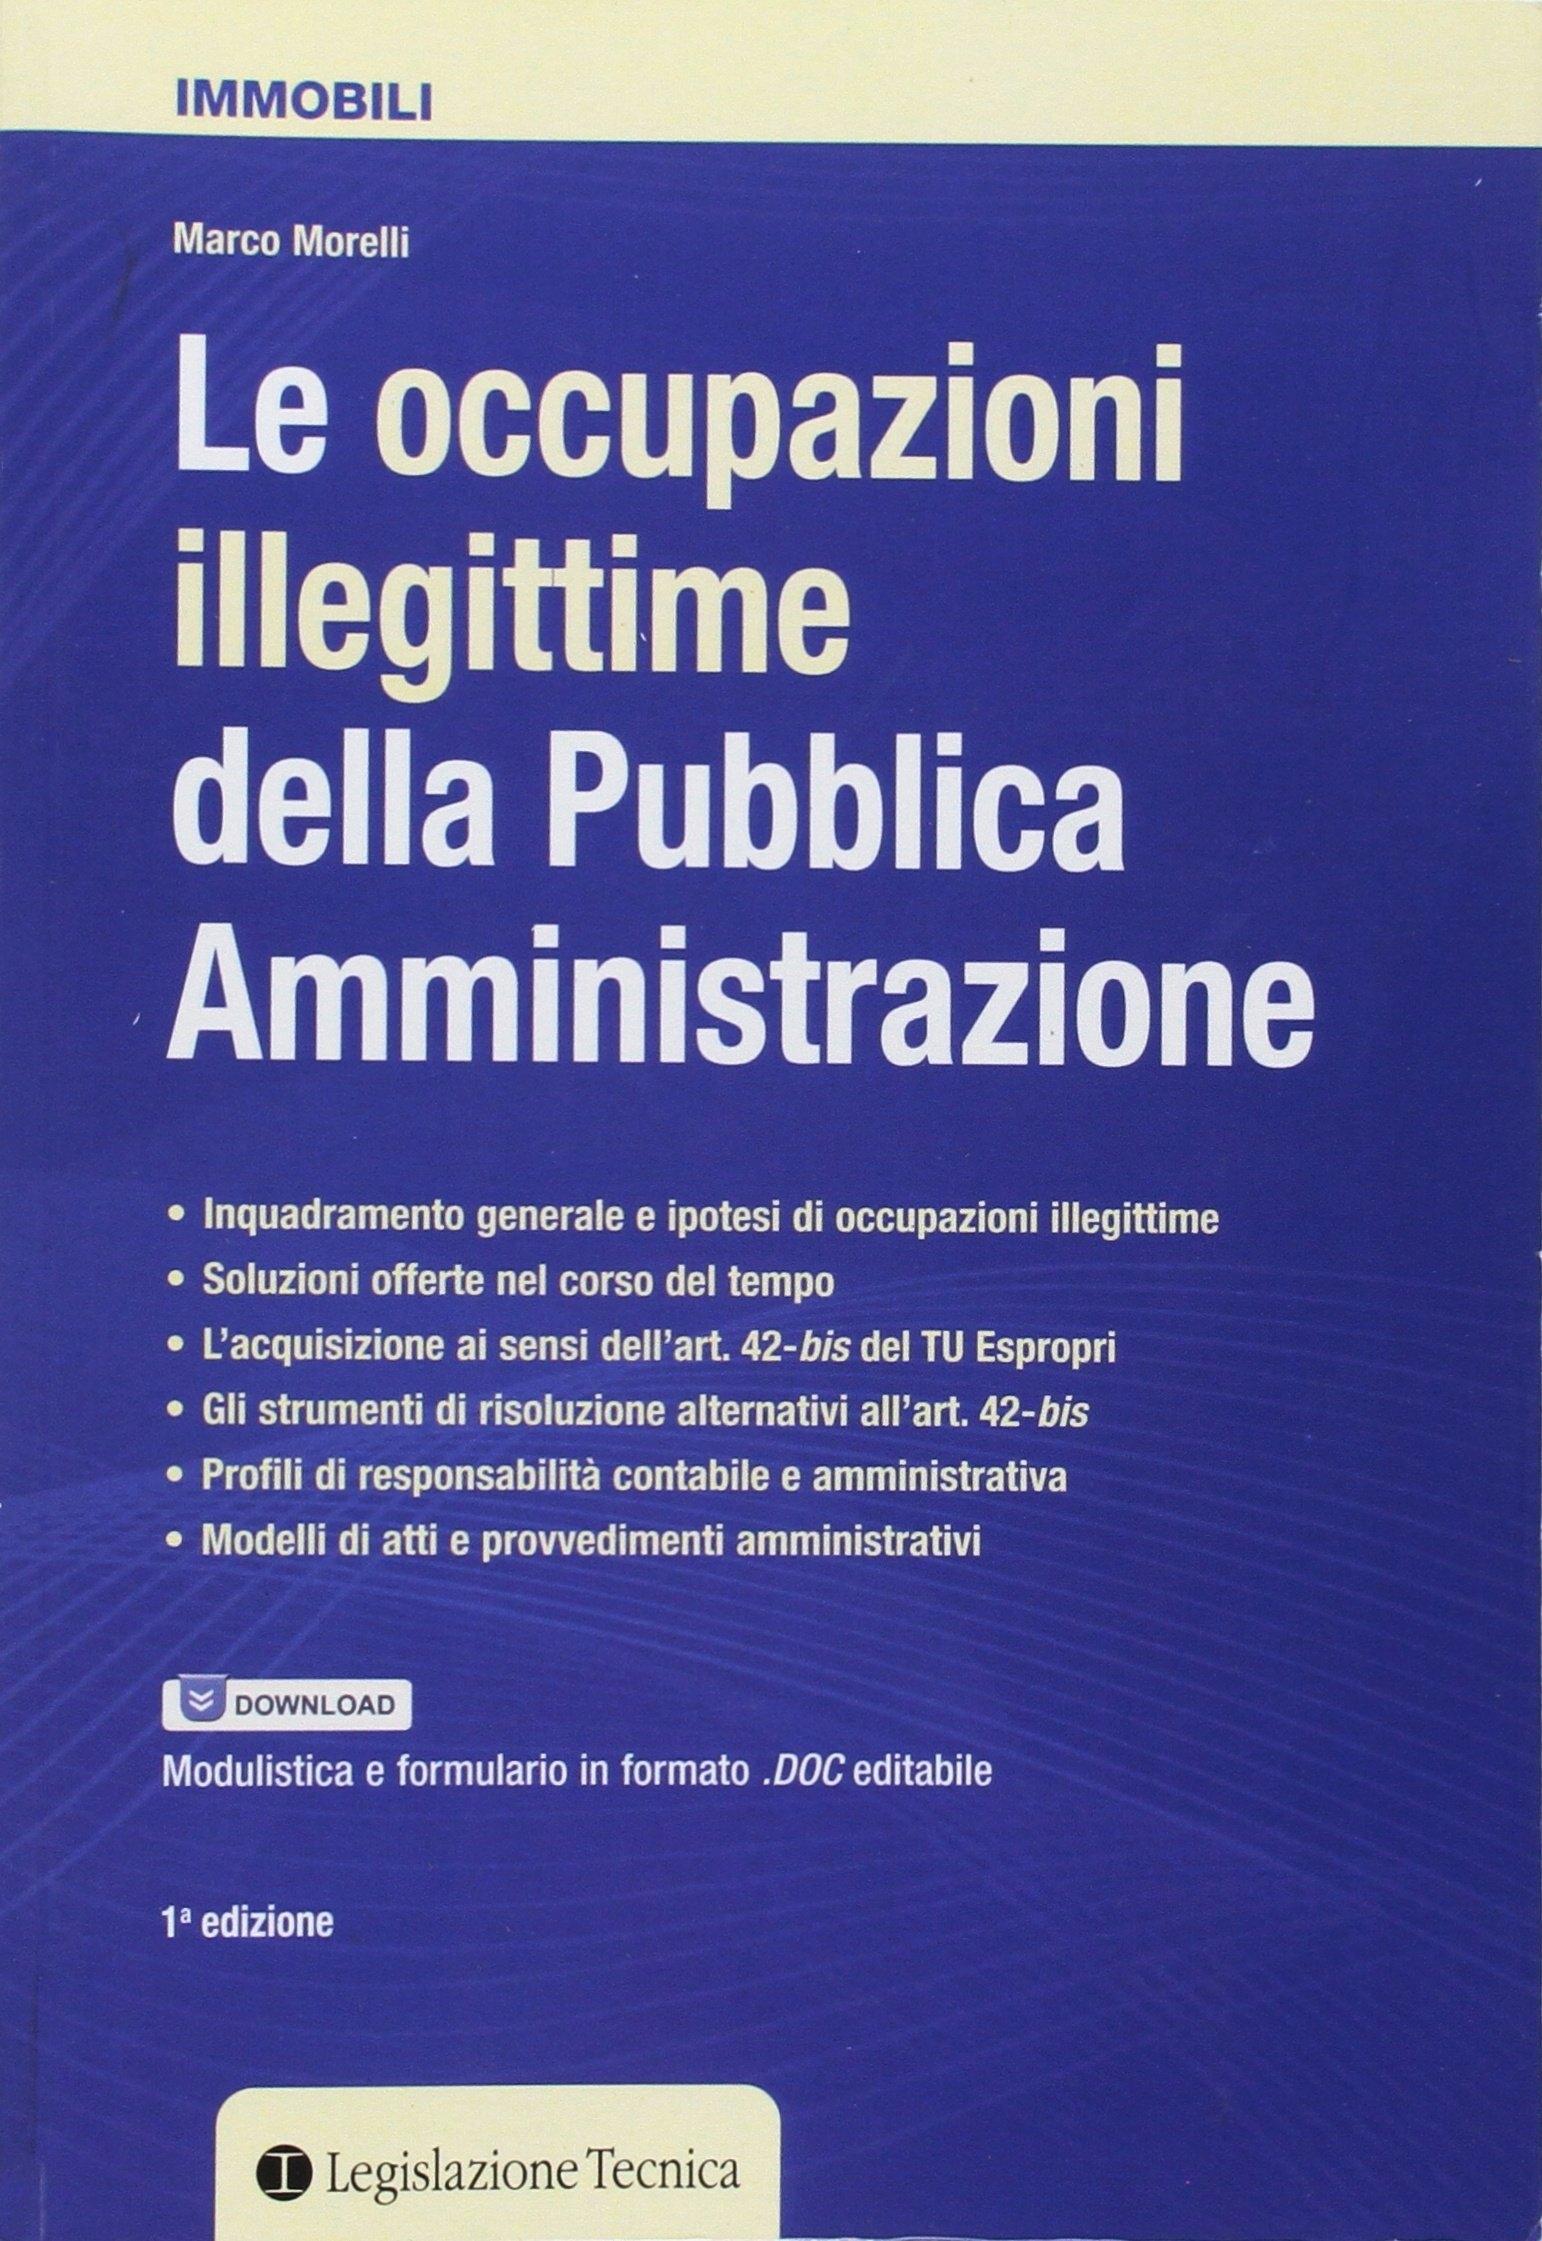 Le occupazioni illegittime della pubblica amministrazione